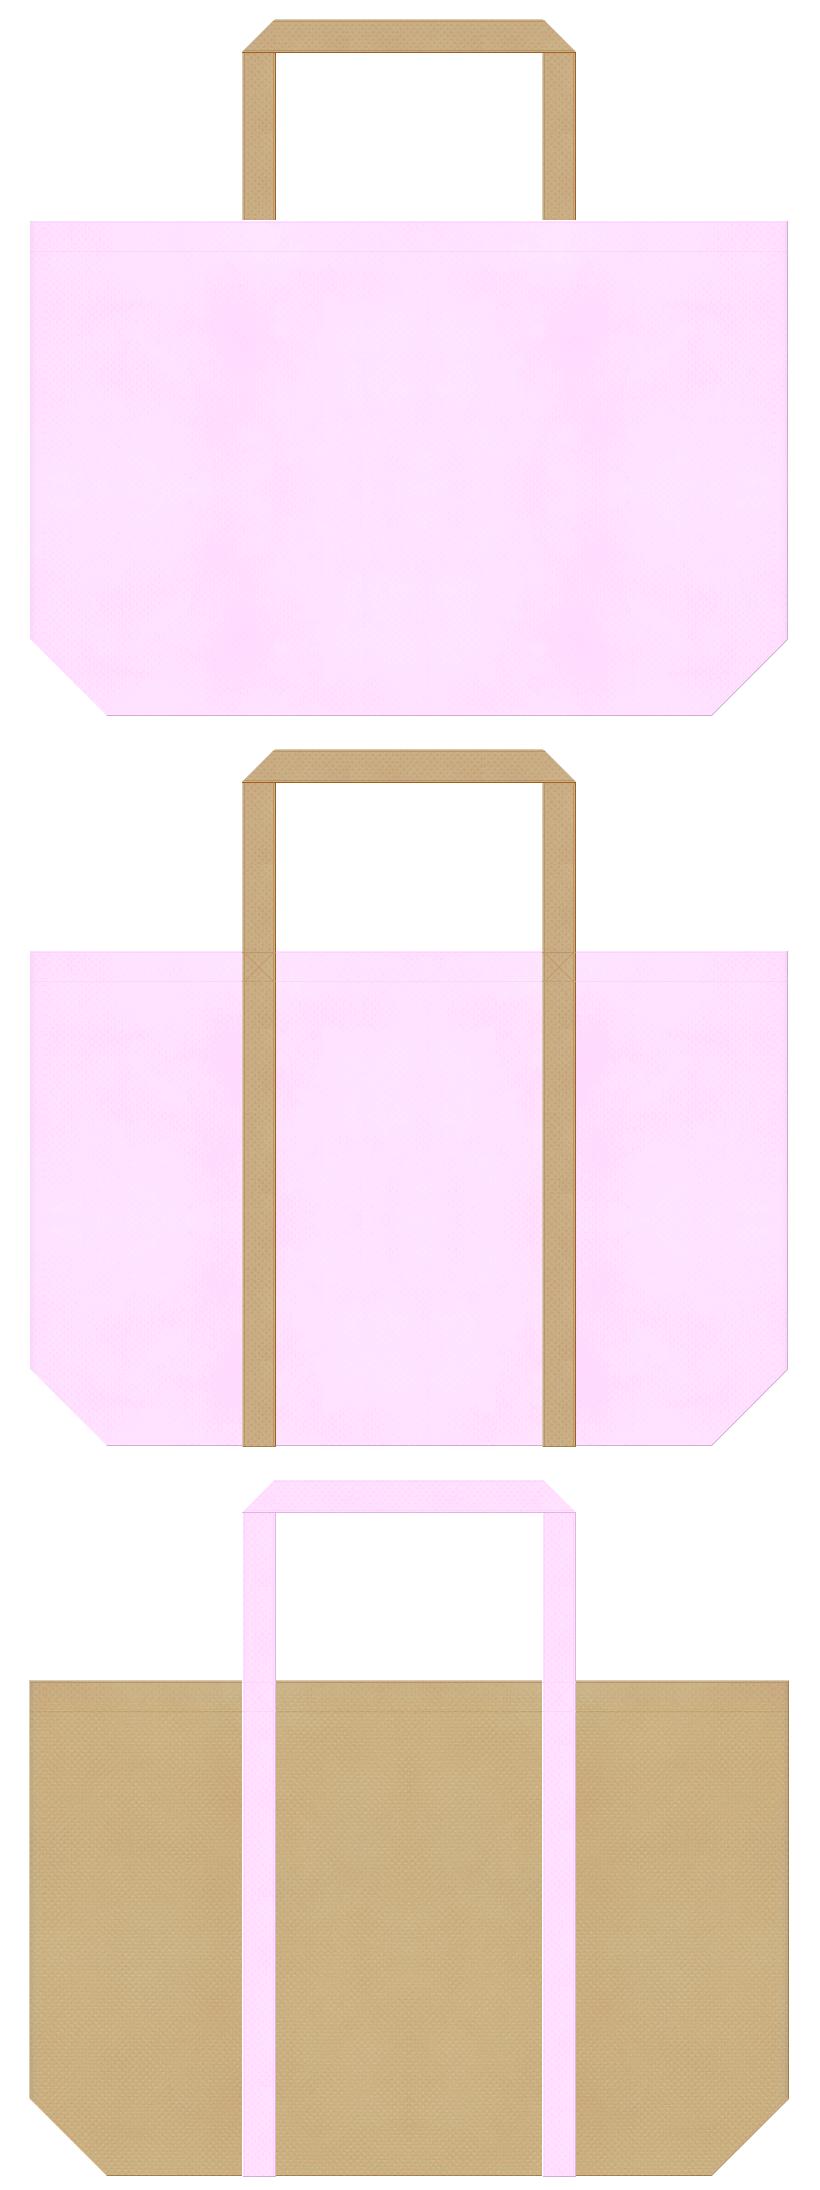 ペットショップ・ペットサロン・ペット用品・ペットフード・アニマルケア・ベアー・小鹿・ぬいぐるみ・手芸・ガーデニング・スイート・プリティ・ドール・ガーリーデザインのショッピングバッグにお奨めの不織布バッグデザイン:パステルピンク色とカーキ色のコーデ